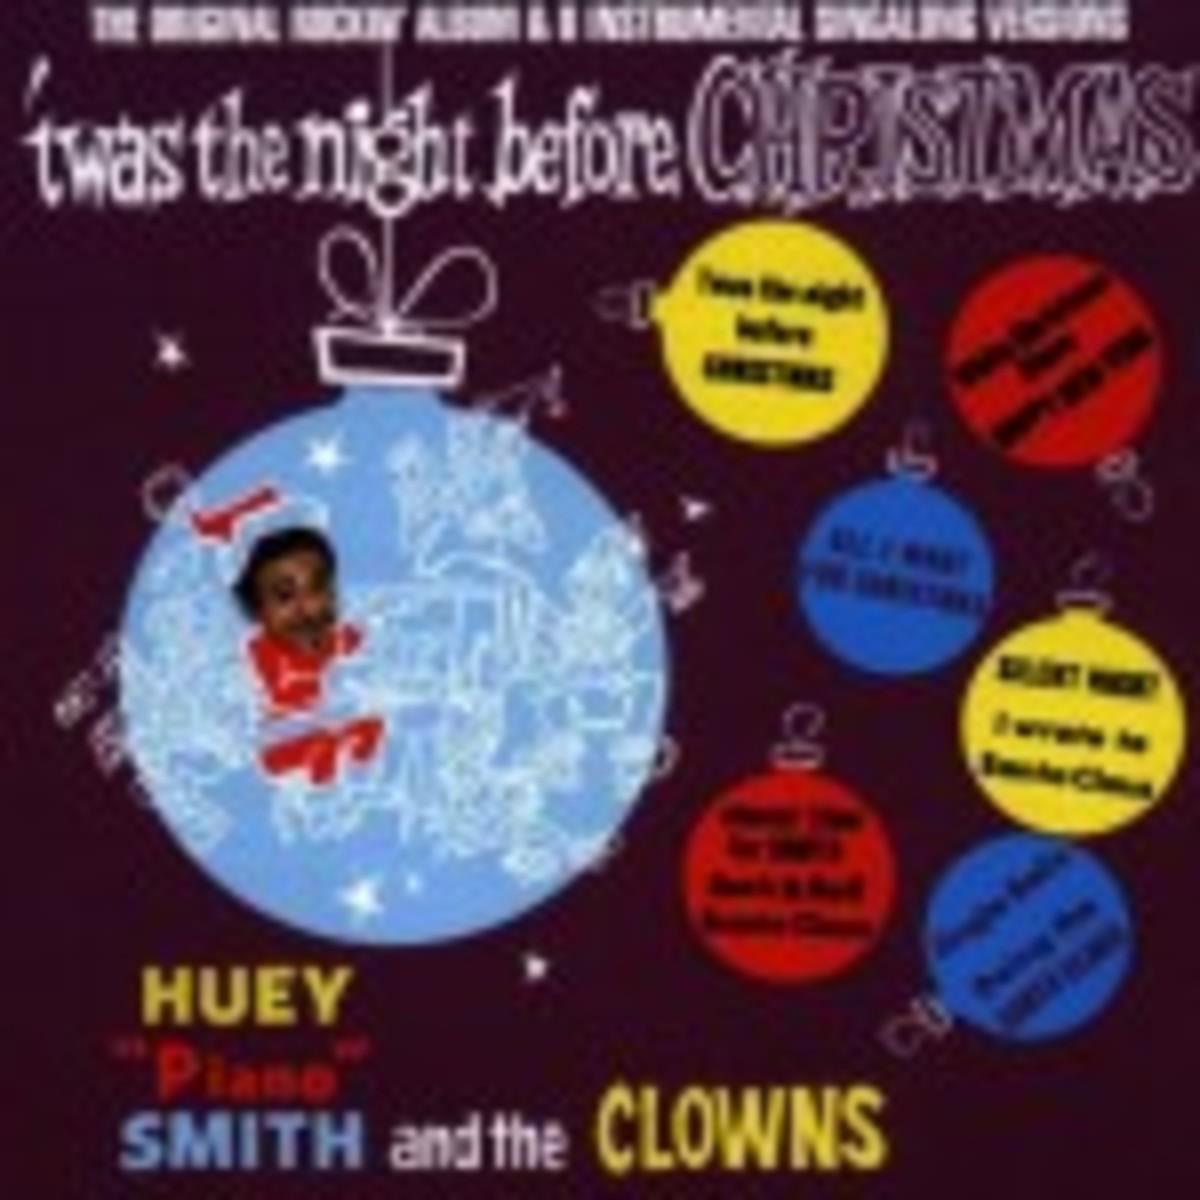 Huey Piano Smith Silent Night